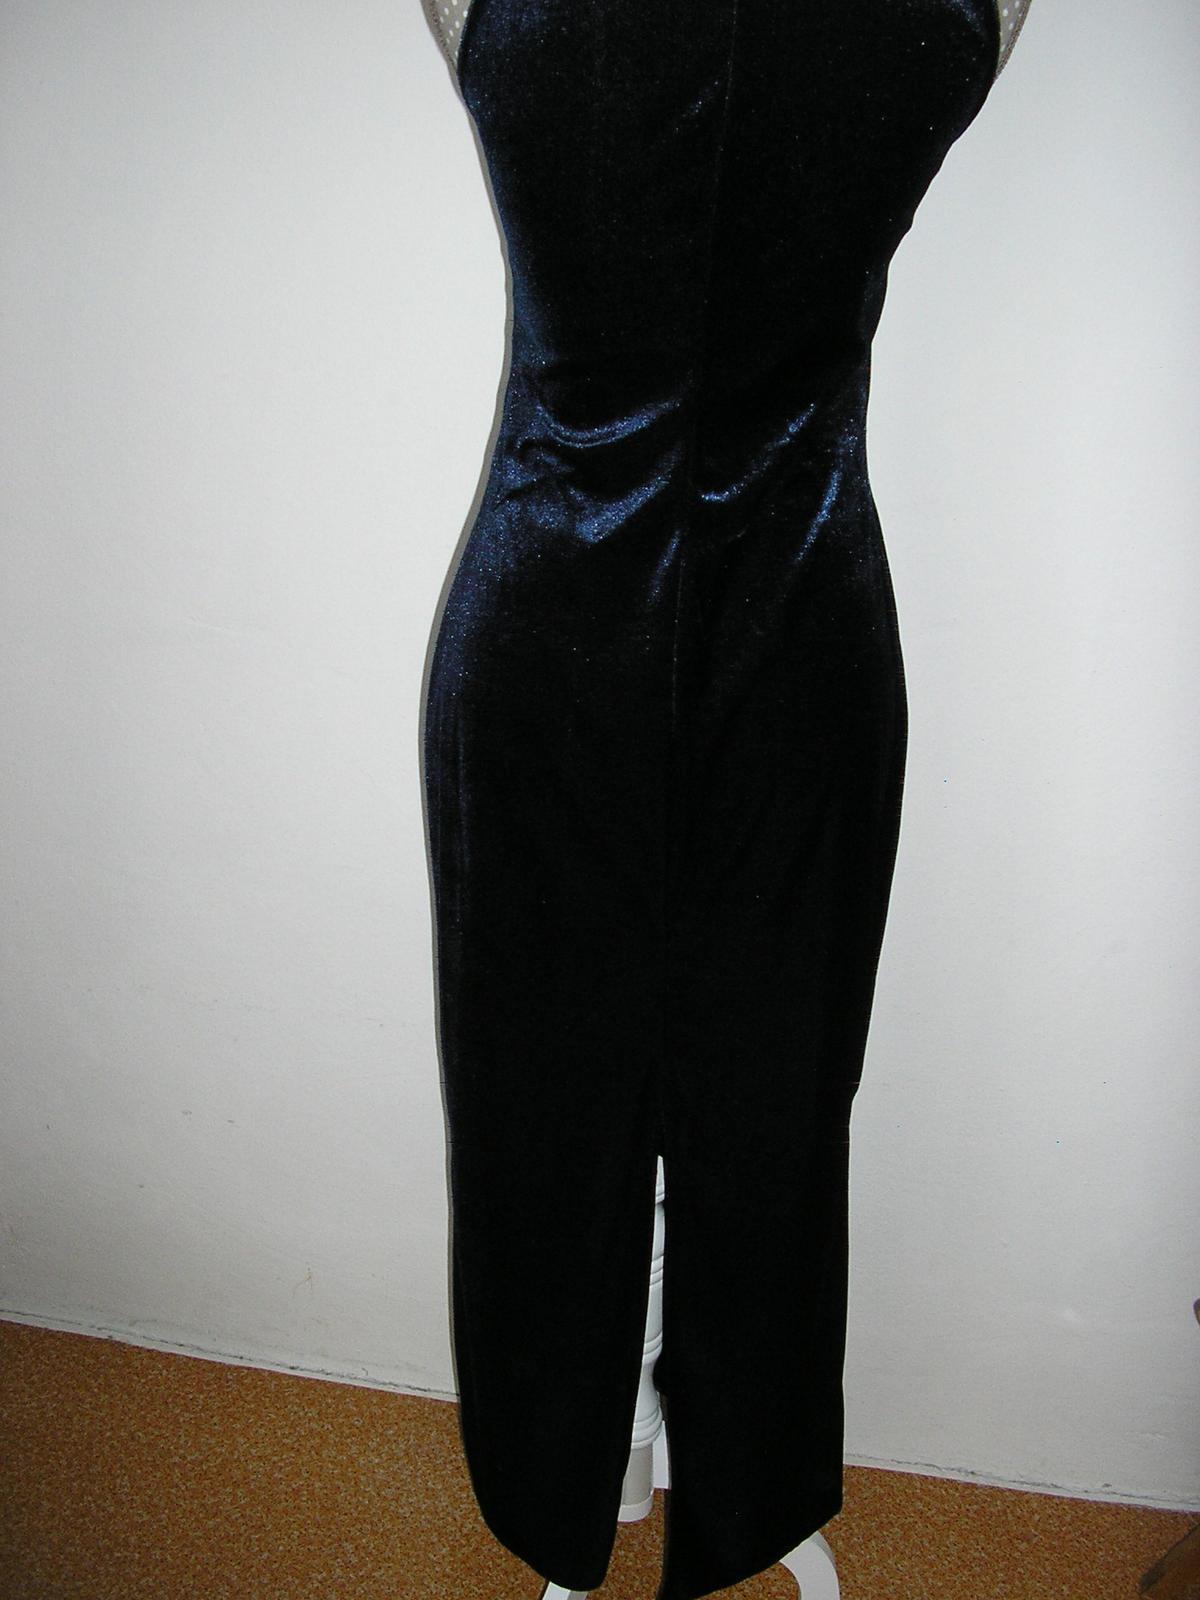 1257. Komplet dlhe šaty a vrch - Obrázok č. 3